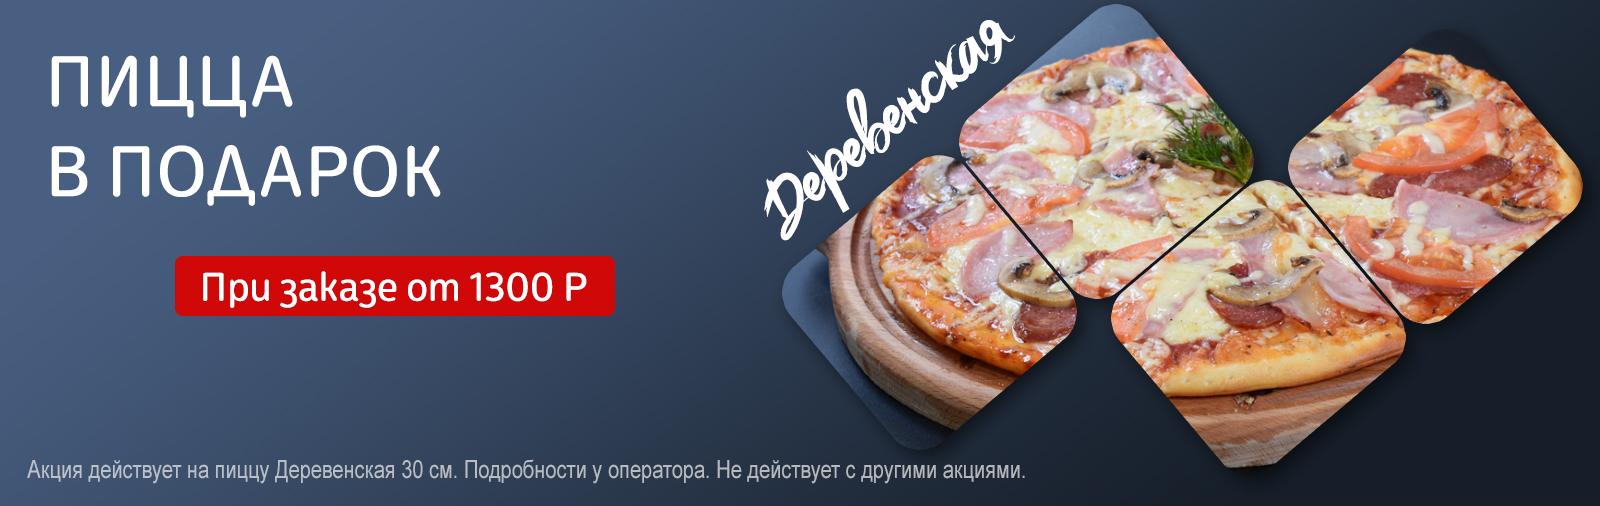 Пицца в подарок